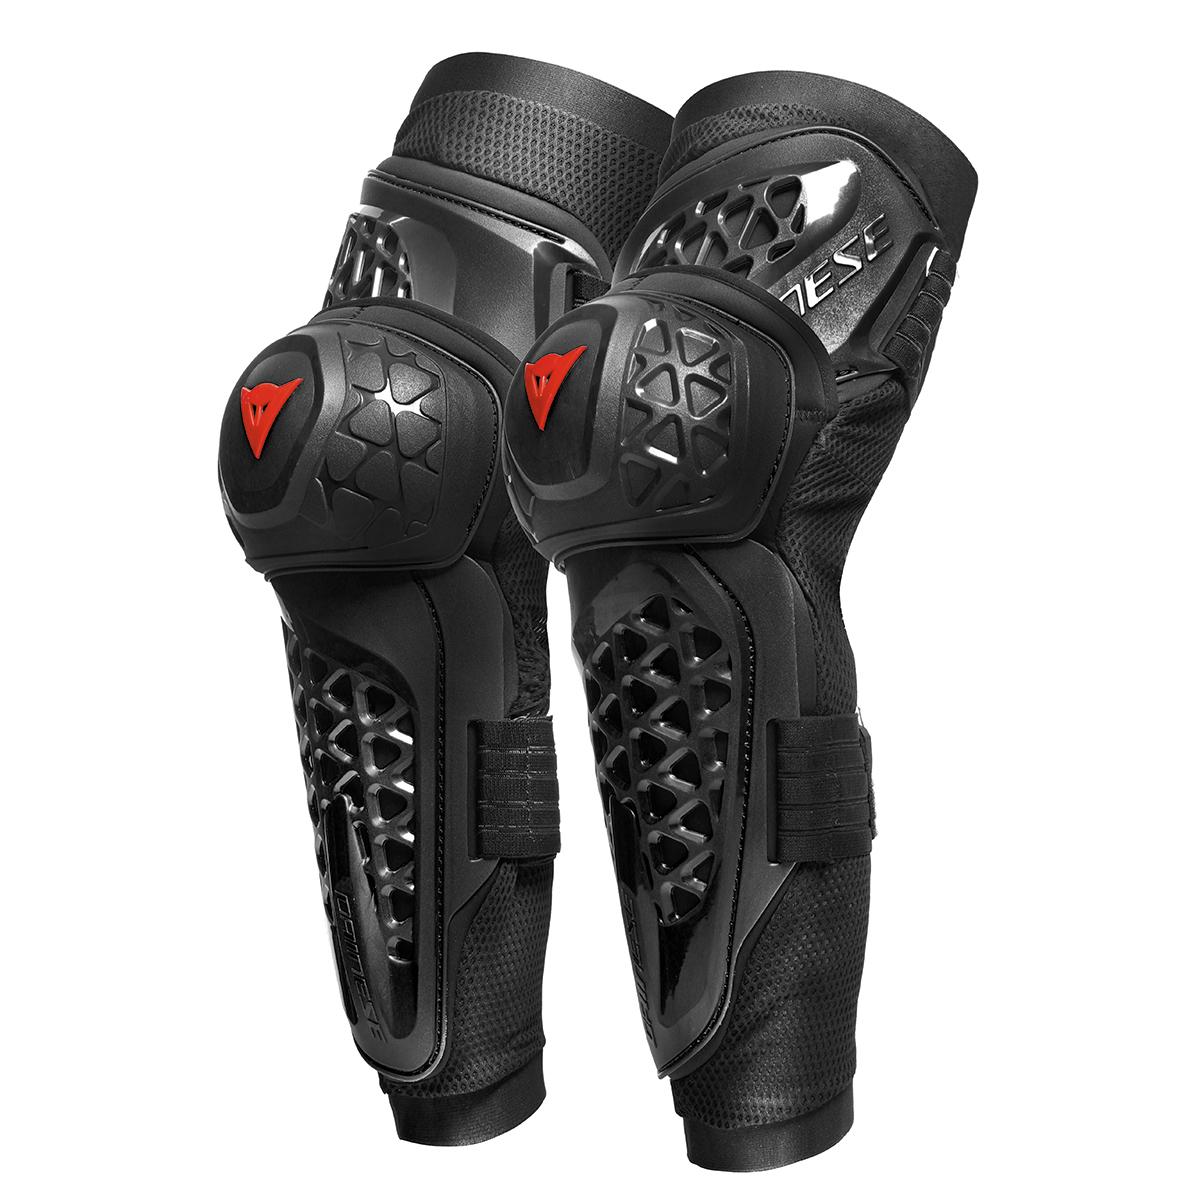 Dainese MX 1 Knee Guard Black L